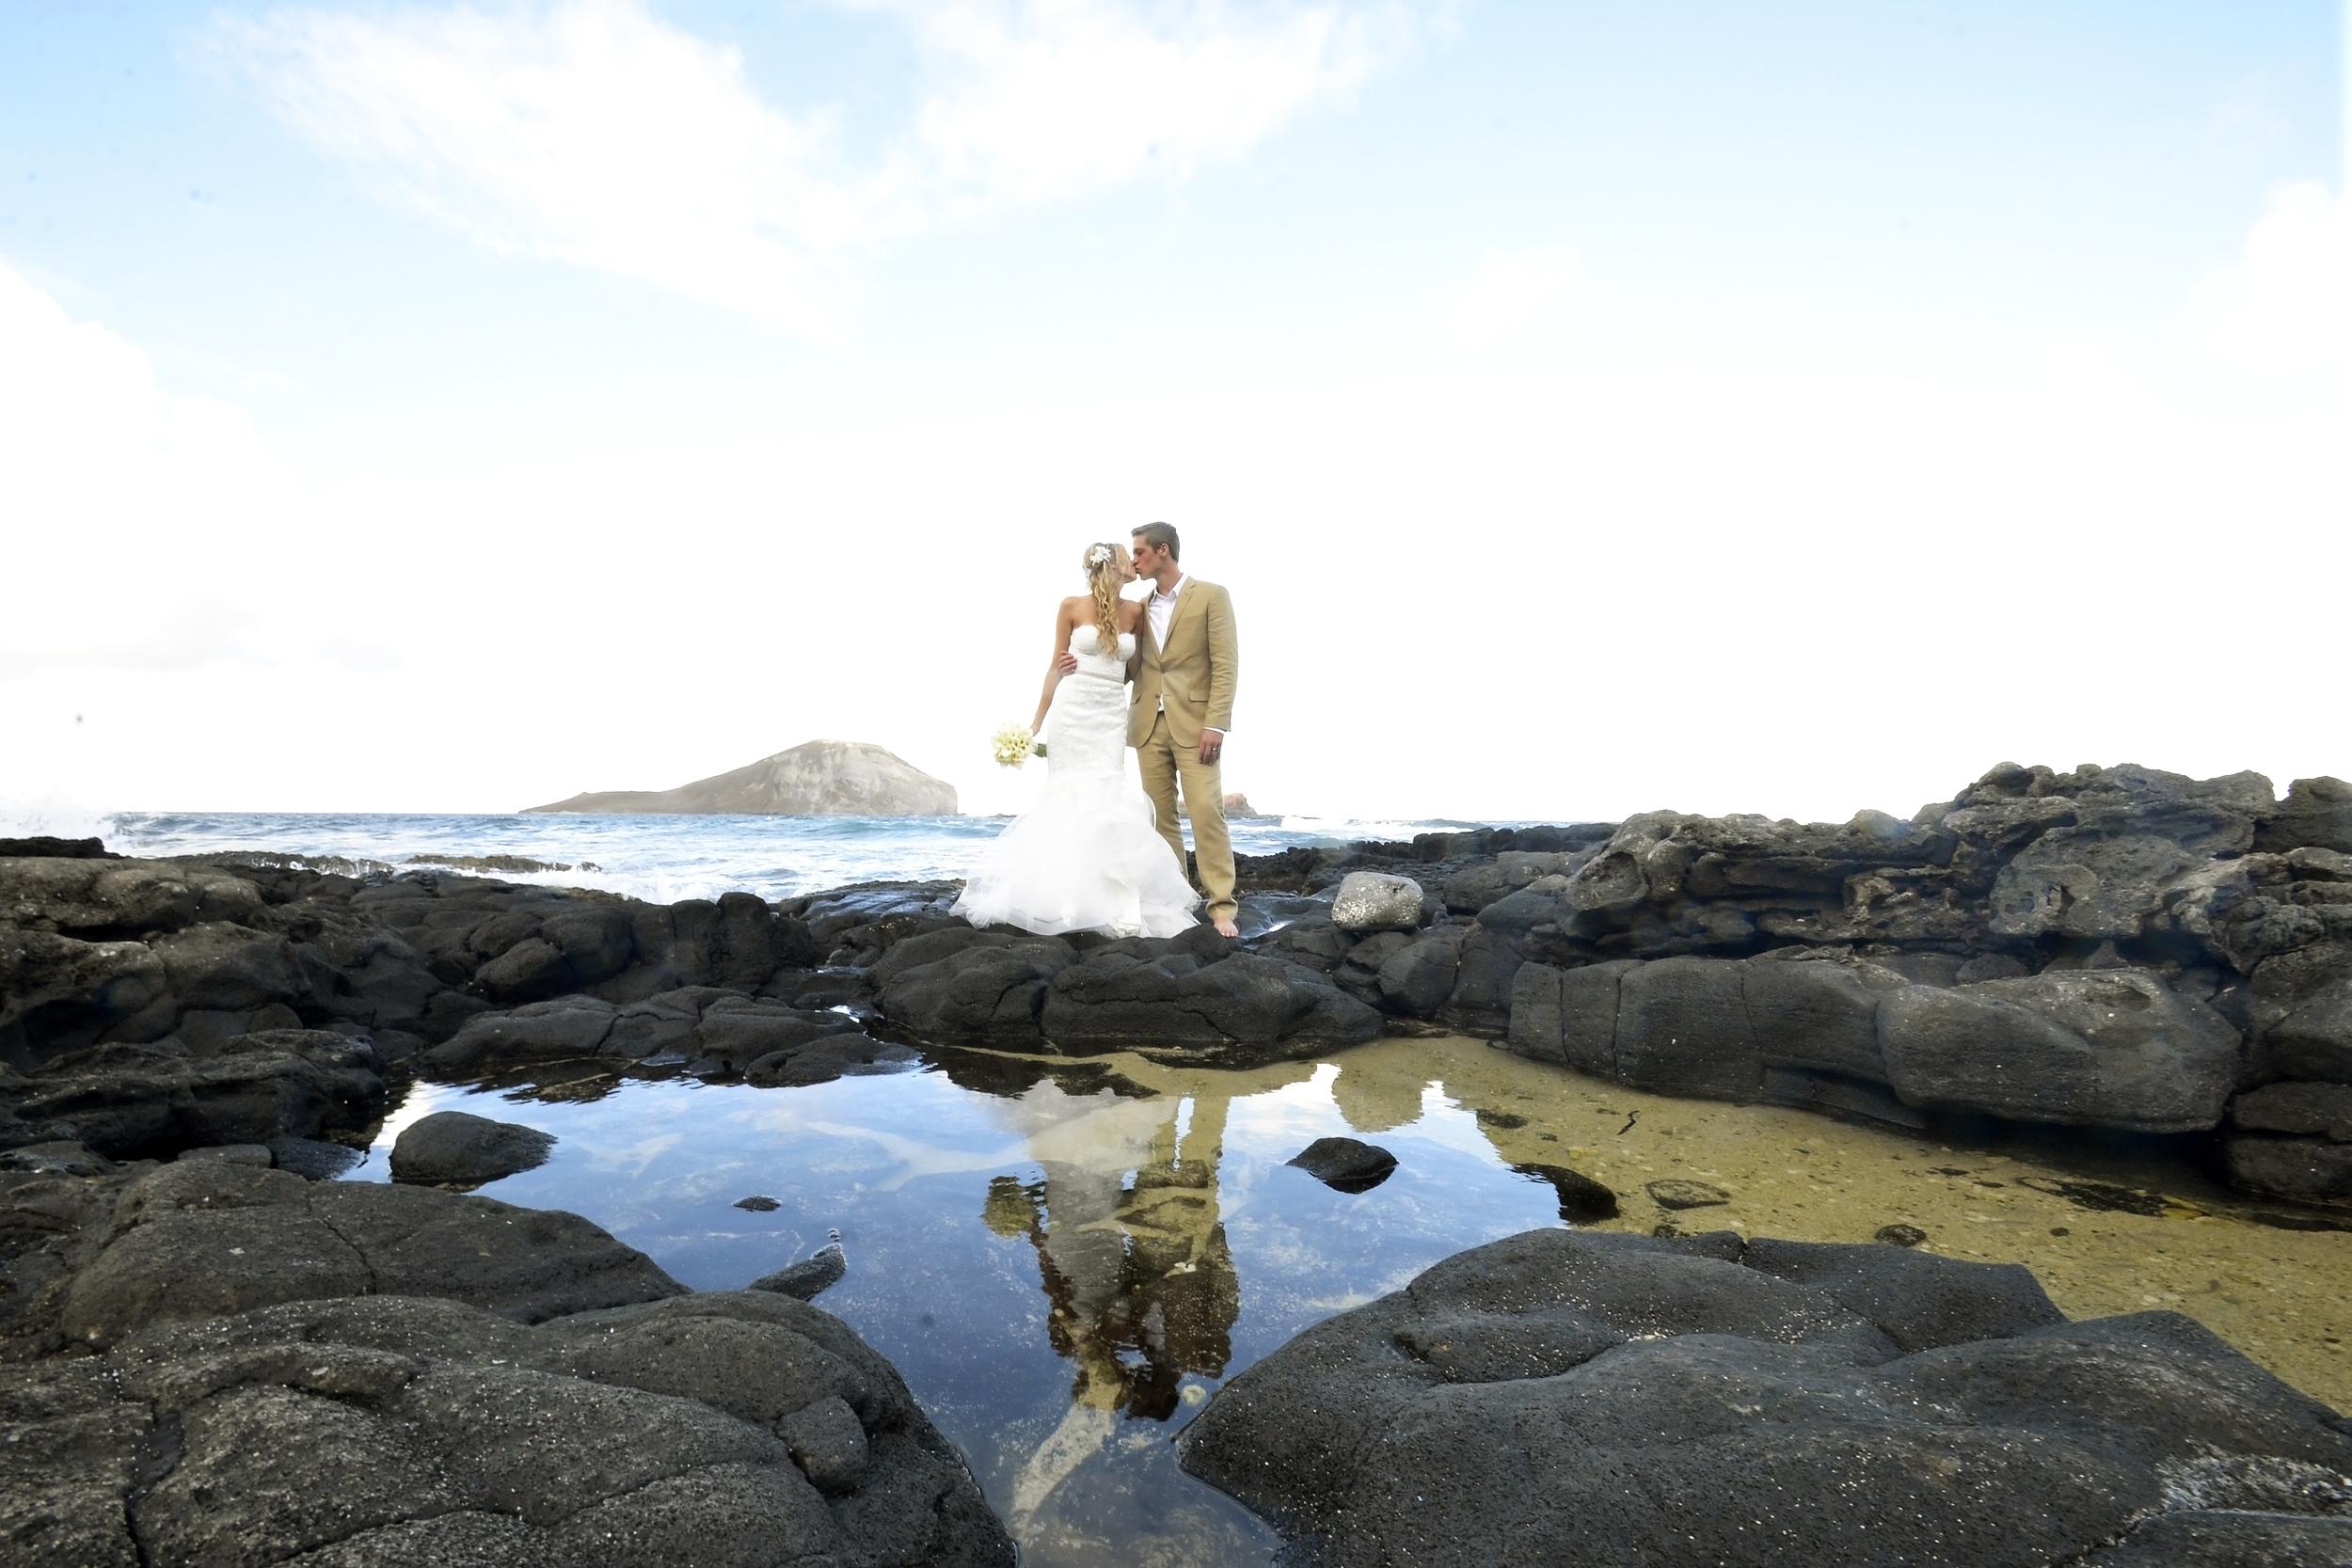 41-95 Kalanianaole Hwy., Waimanalo, Hawaii, 96795